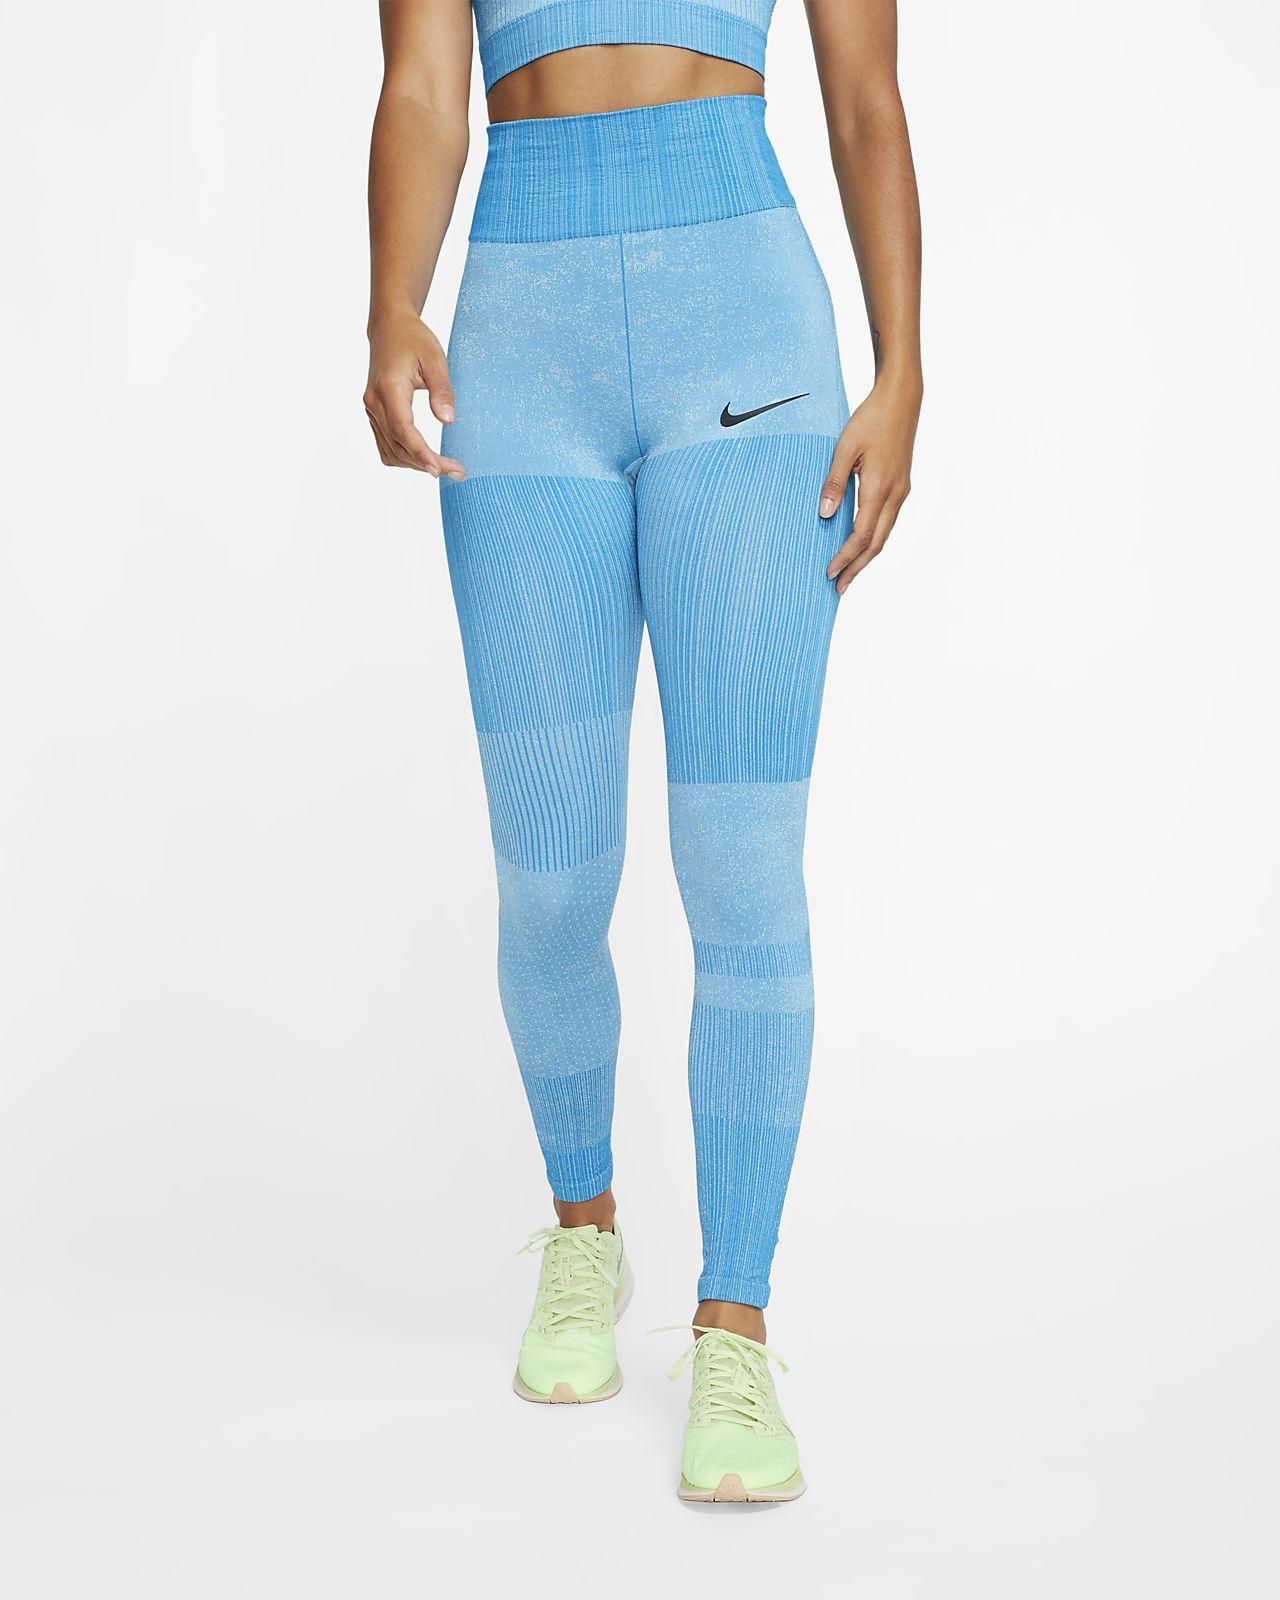 Nike City Ready mallas de training de tejido Knit - Mujer